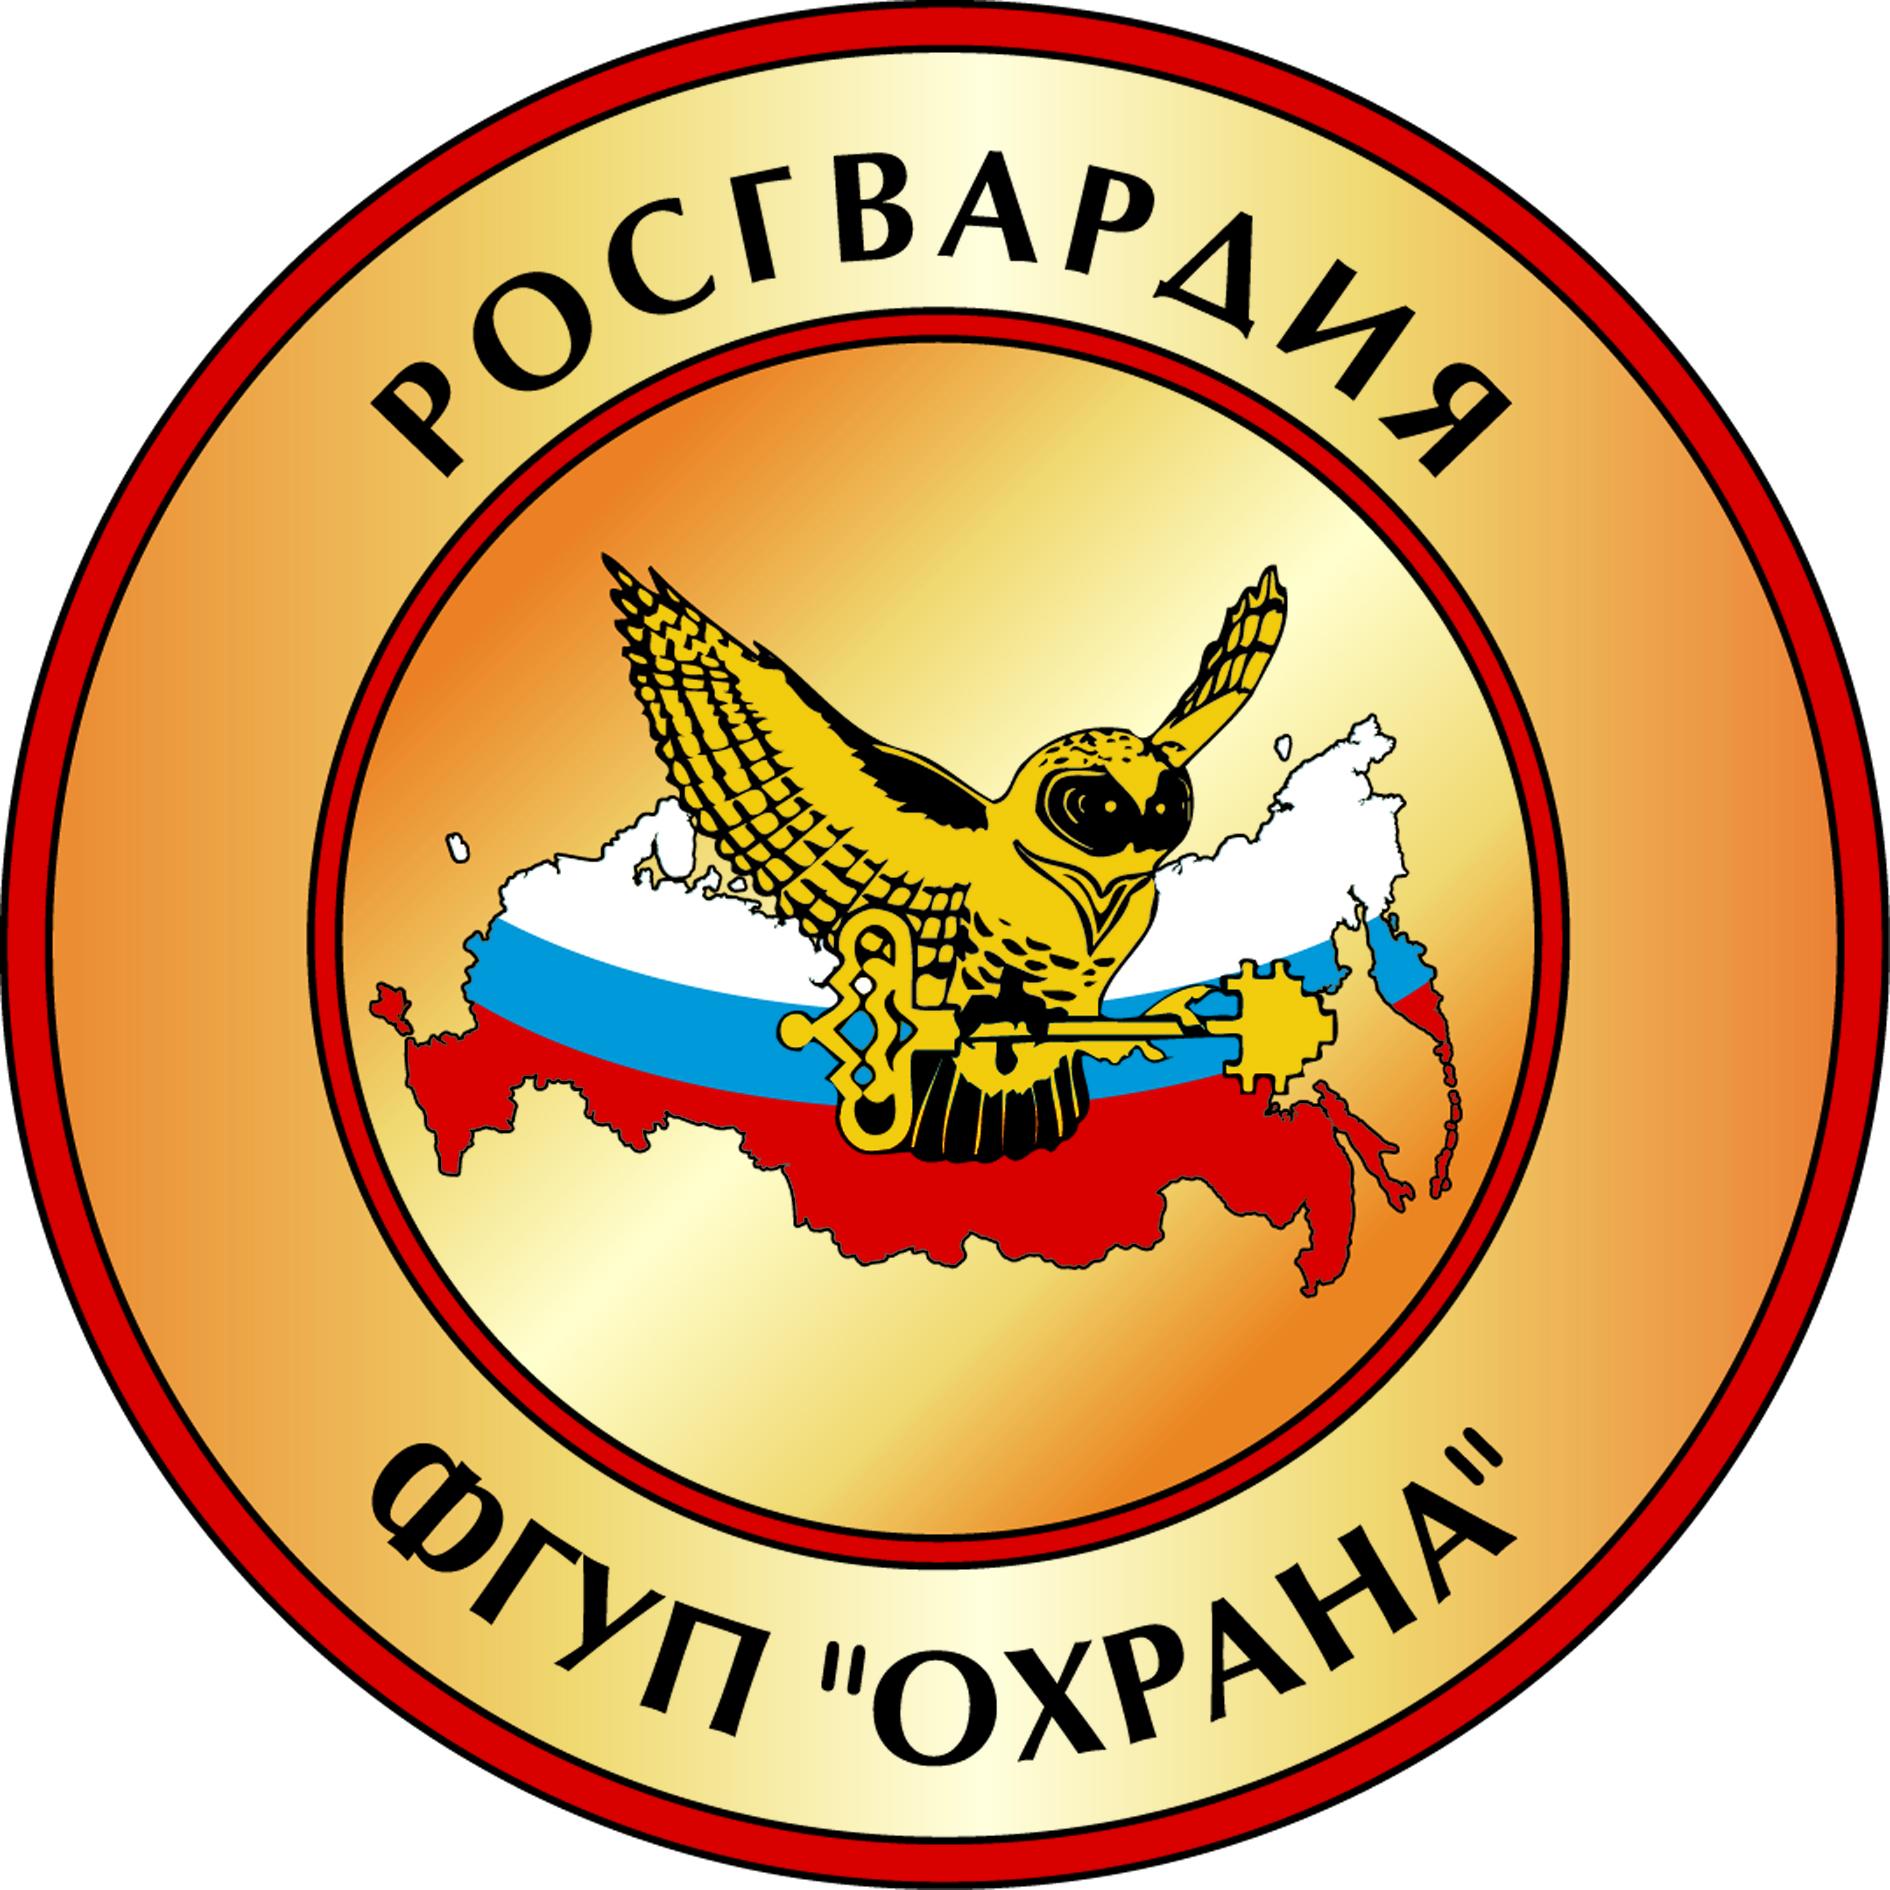 Работа в компании «ФГУП «Охрана» Росгвардии» в Краснозаводска